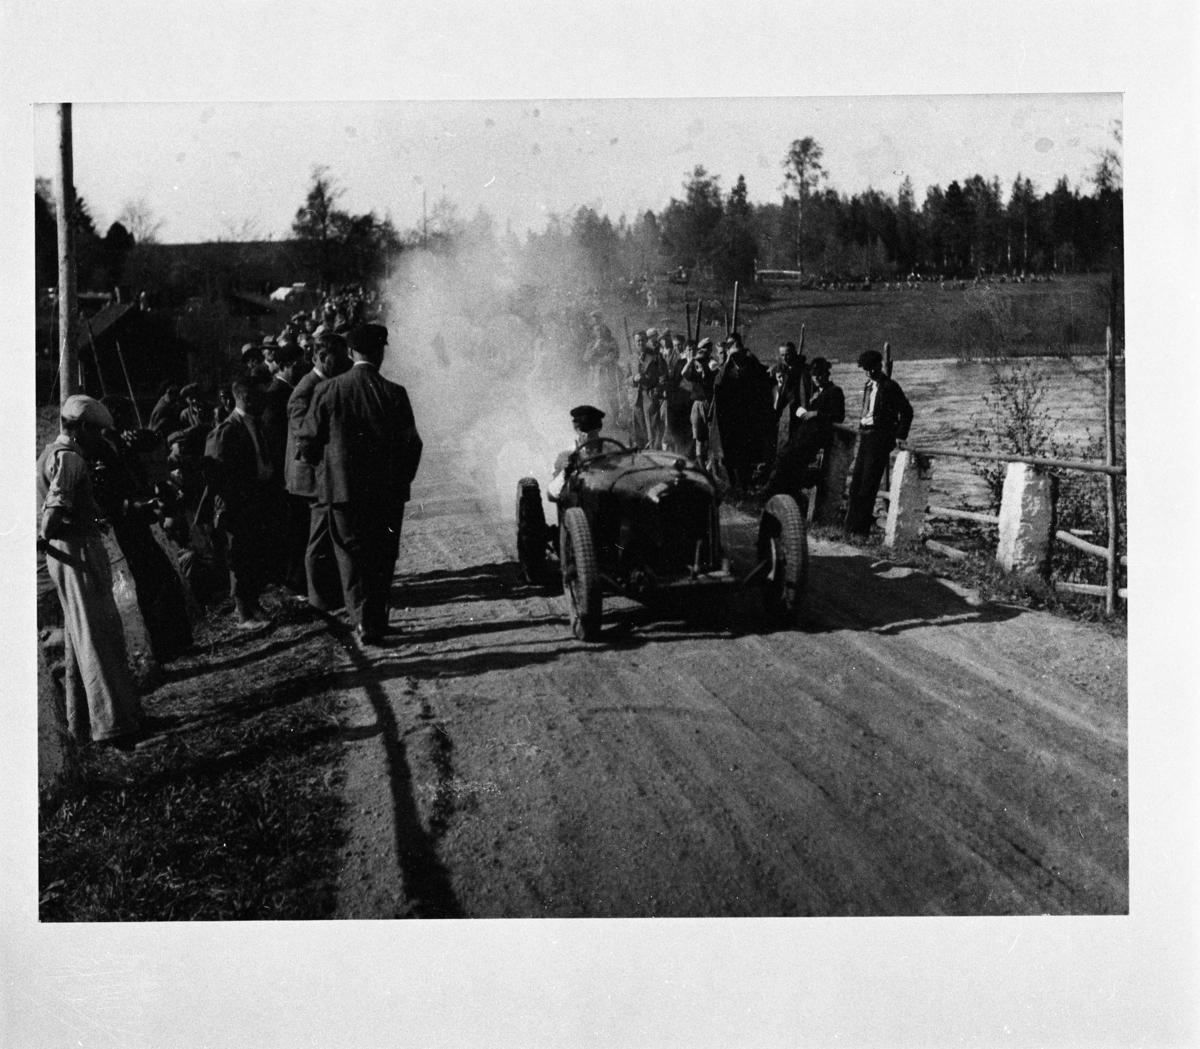 Reproduktion Röfors Man som kör en bil/traktor med mycket rök bakom. Publiken står i vägkanten och tittar på. publik vid vägen